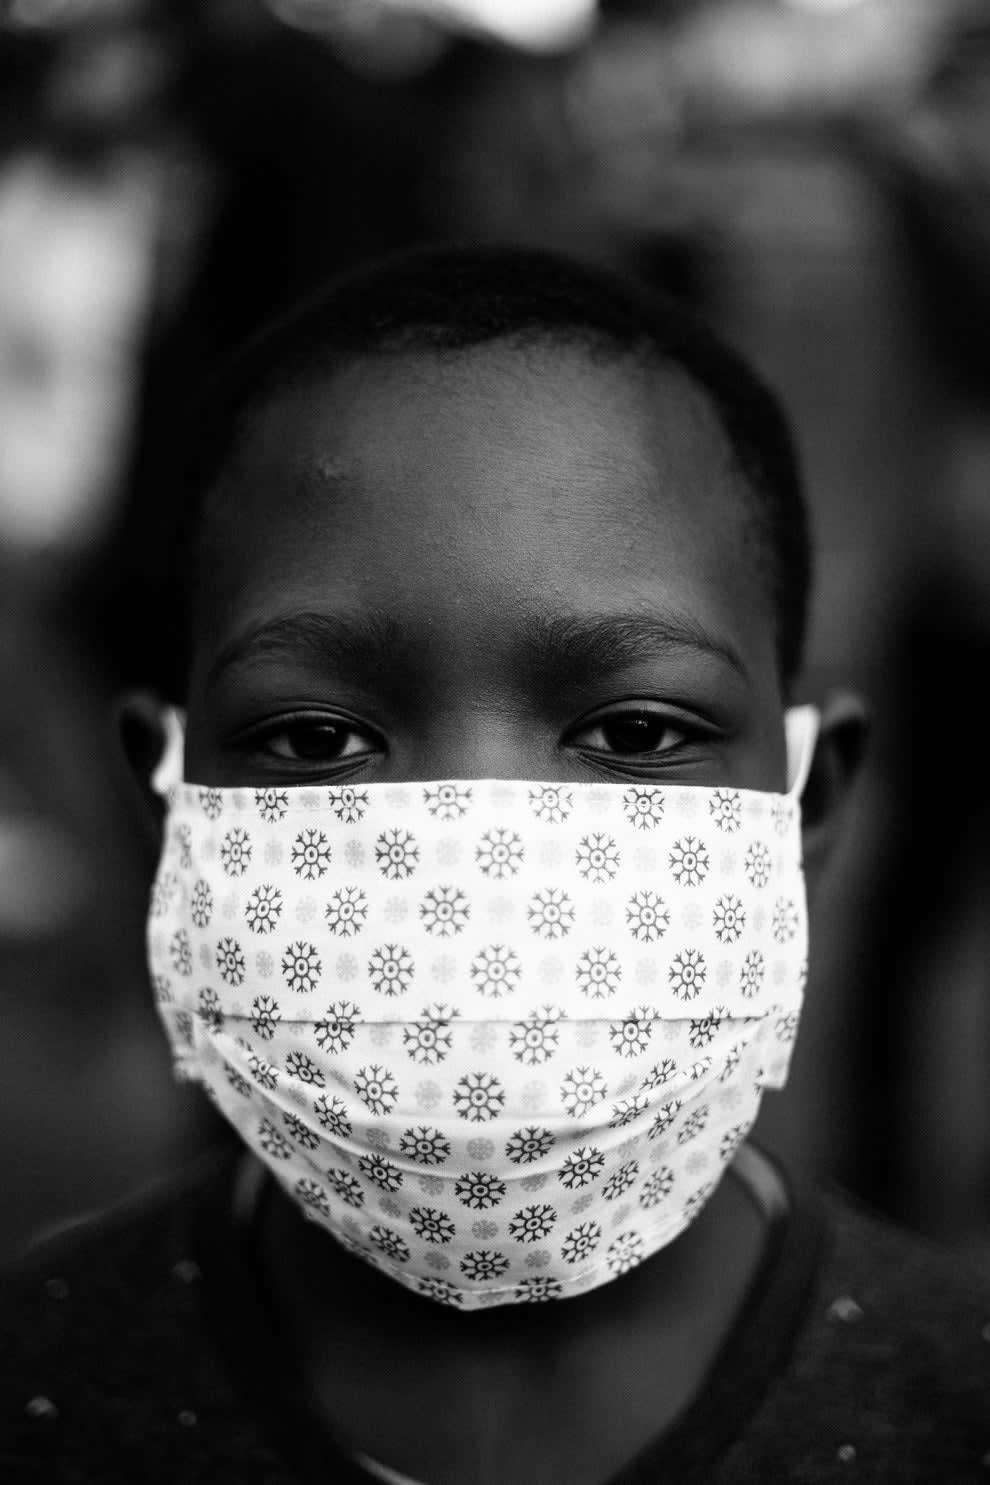 Rosto em close de jovem negro com máscara branca olhando na direção da foto.